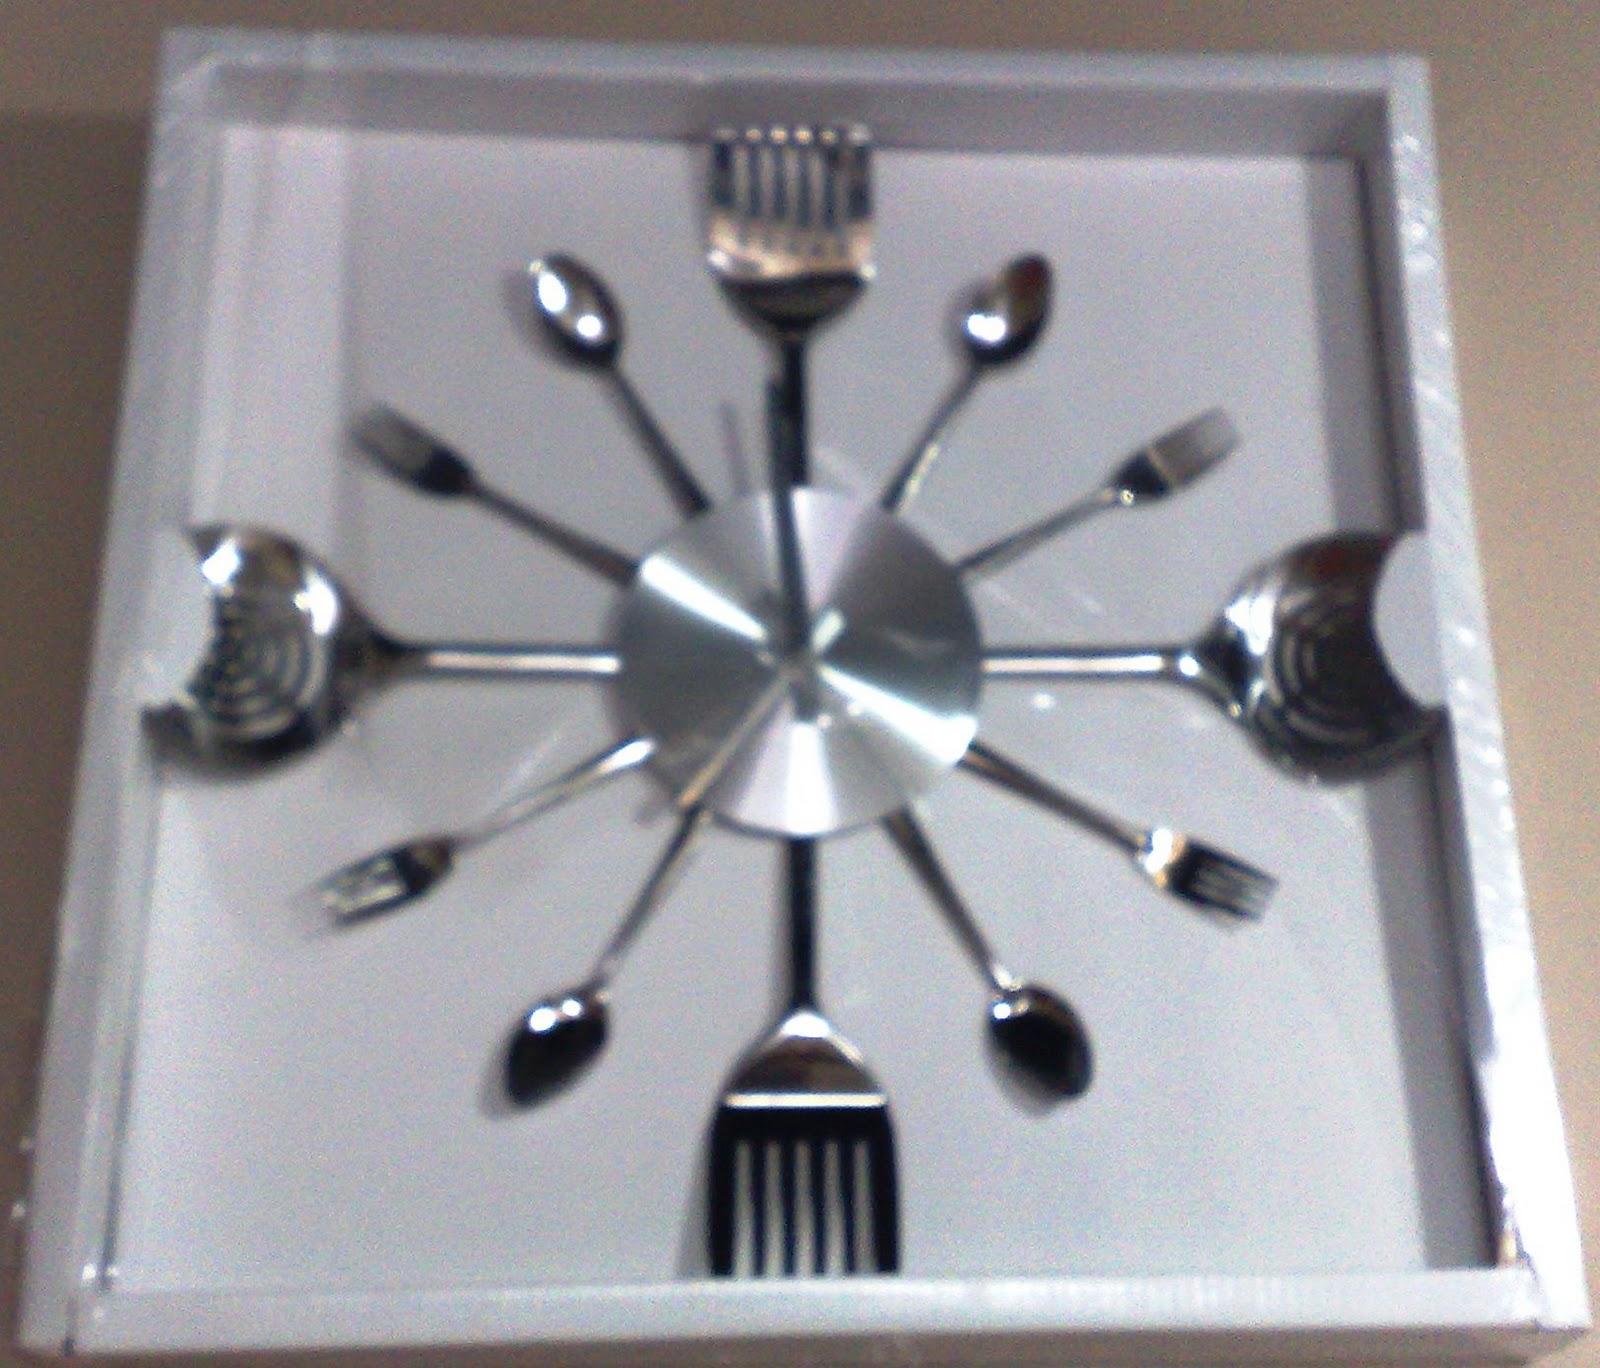 Casa Vera São Leopoldo: Relógio de talheres #7C6650 1600x1368 Acessorios Banheiro Reflexos